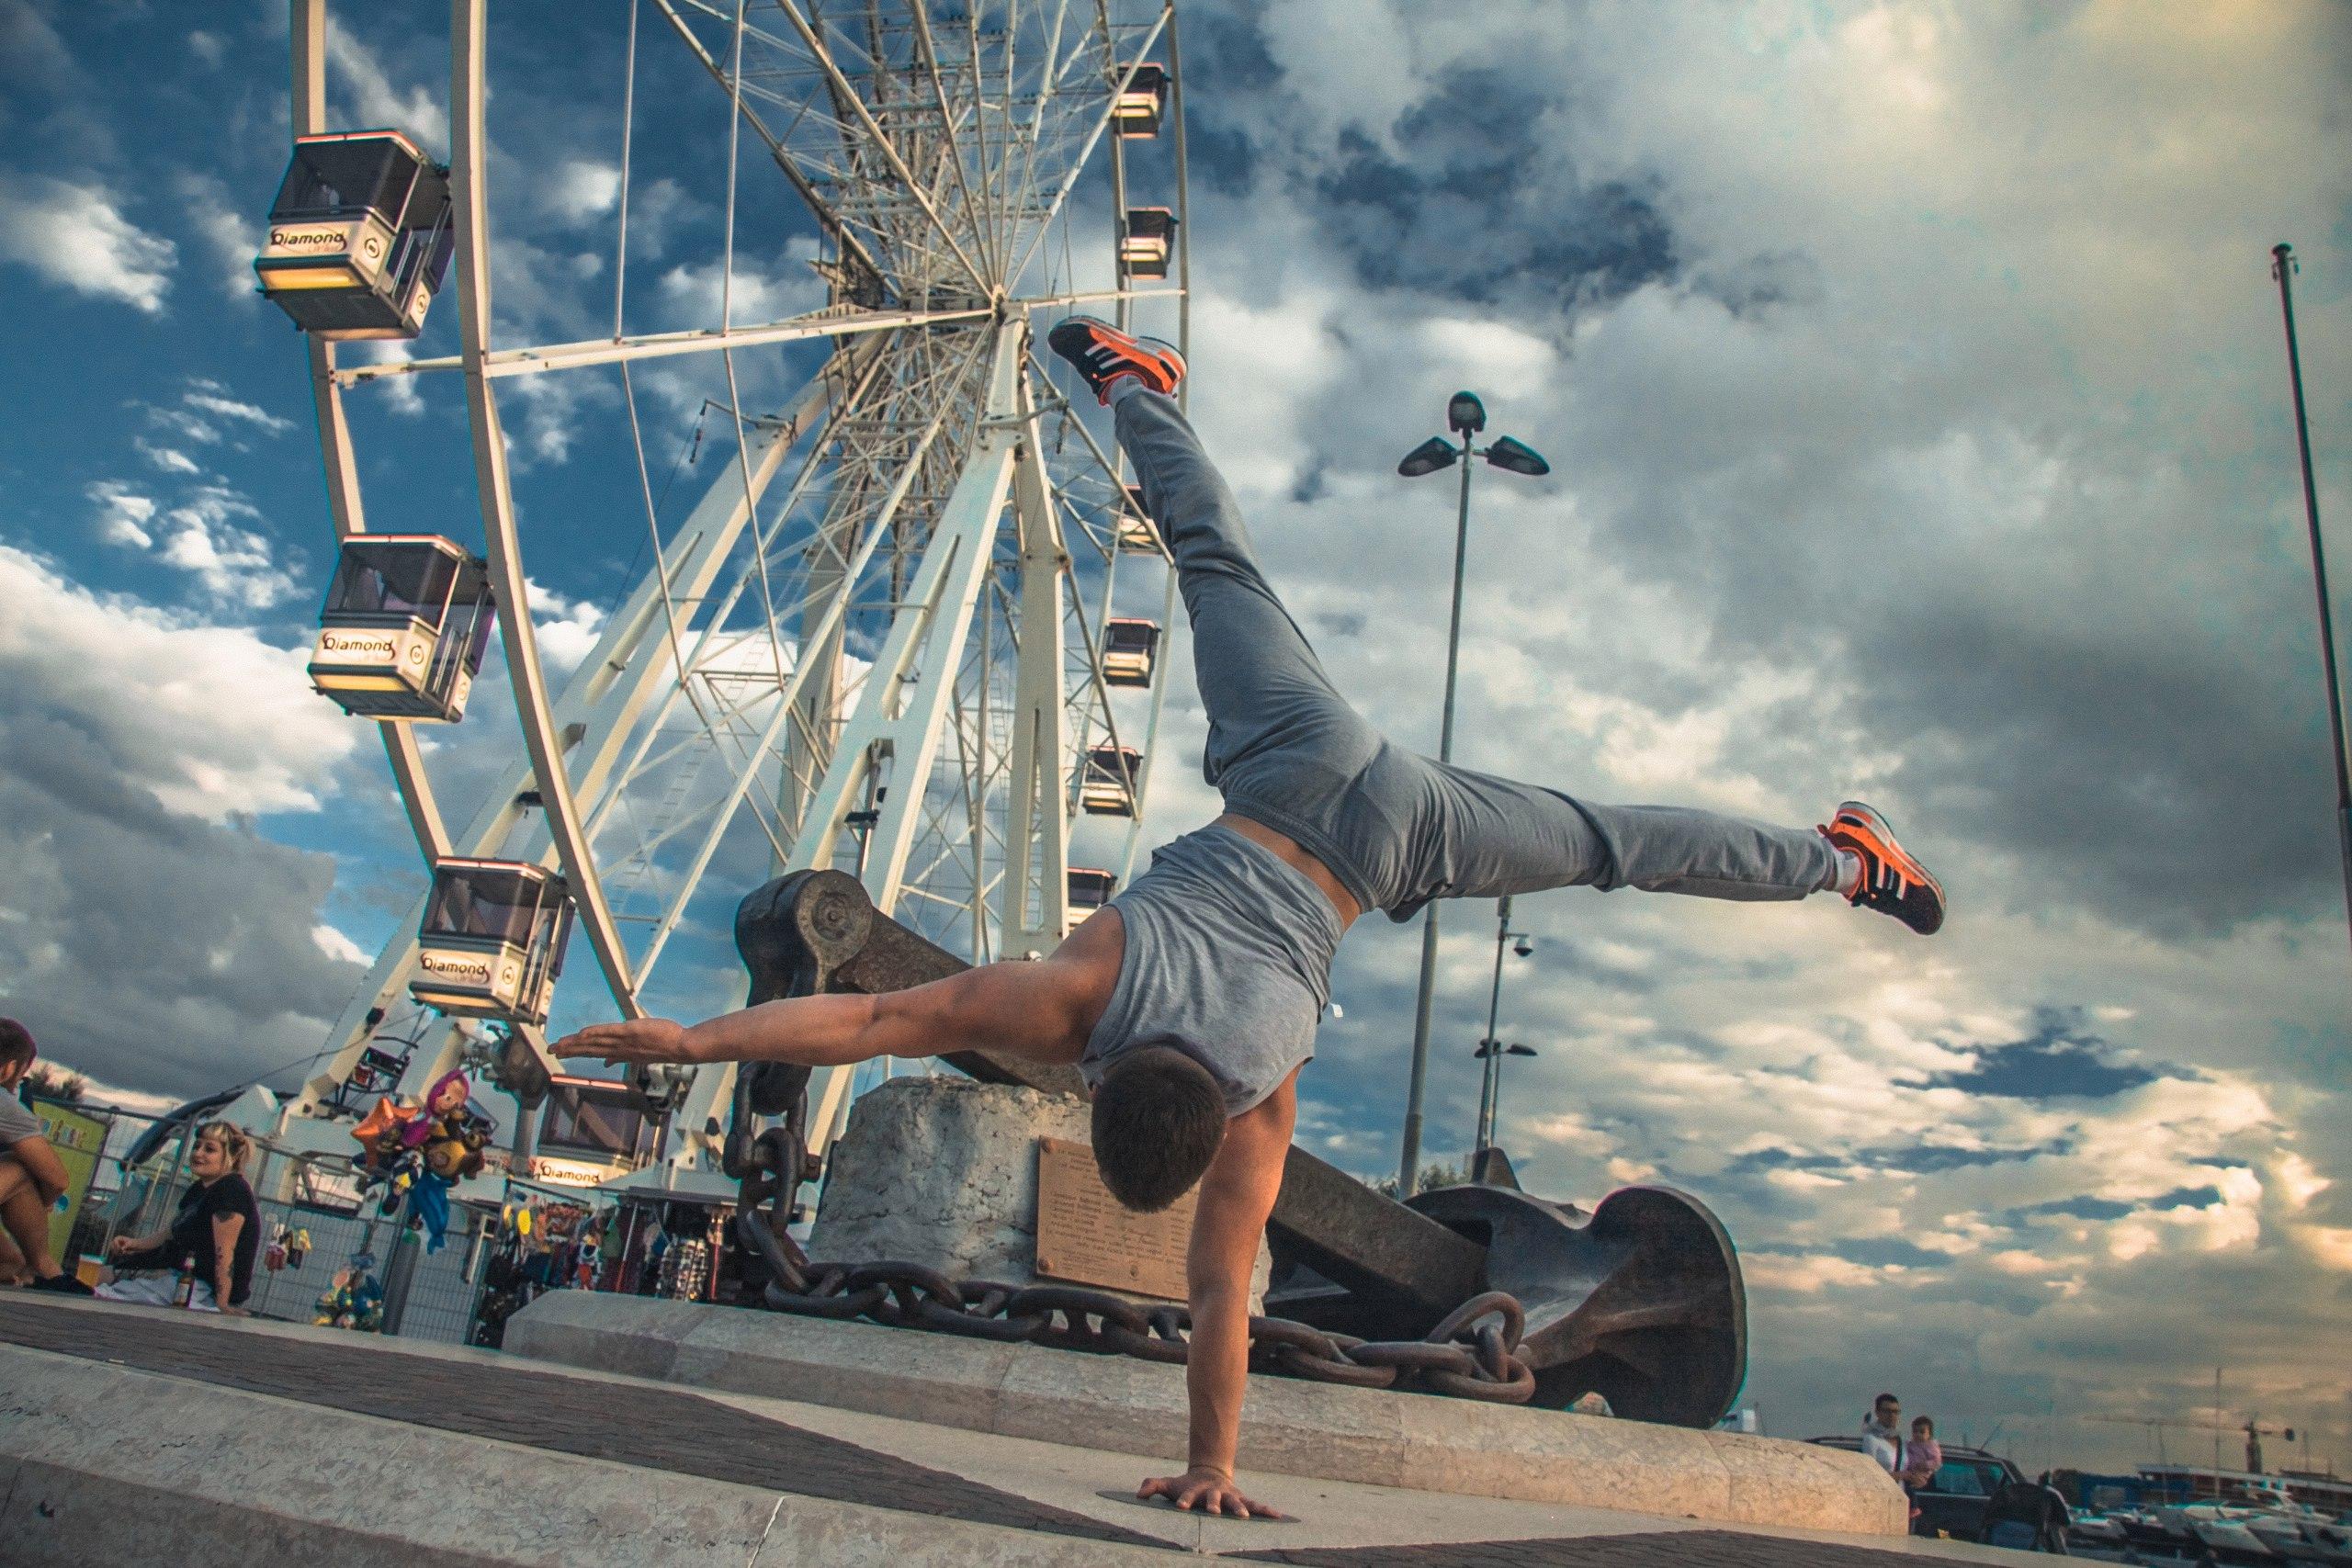 акробатика для детей и взрослых